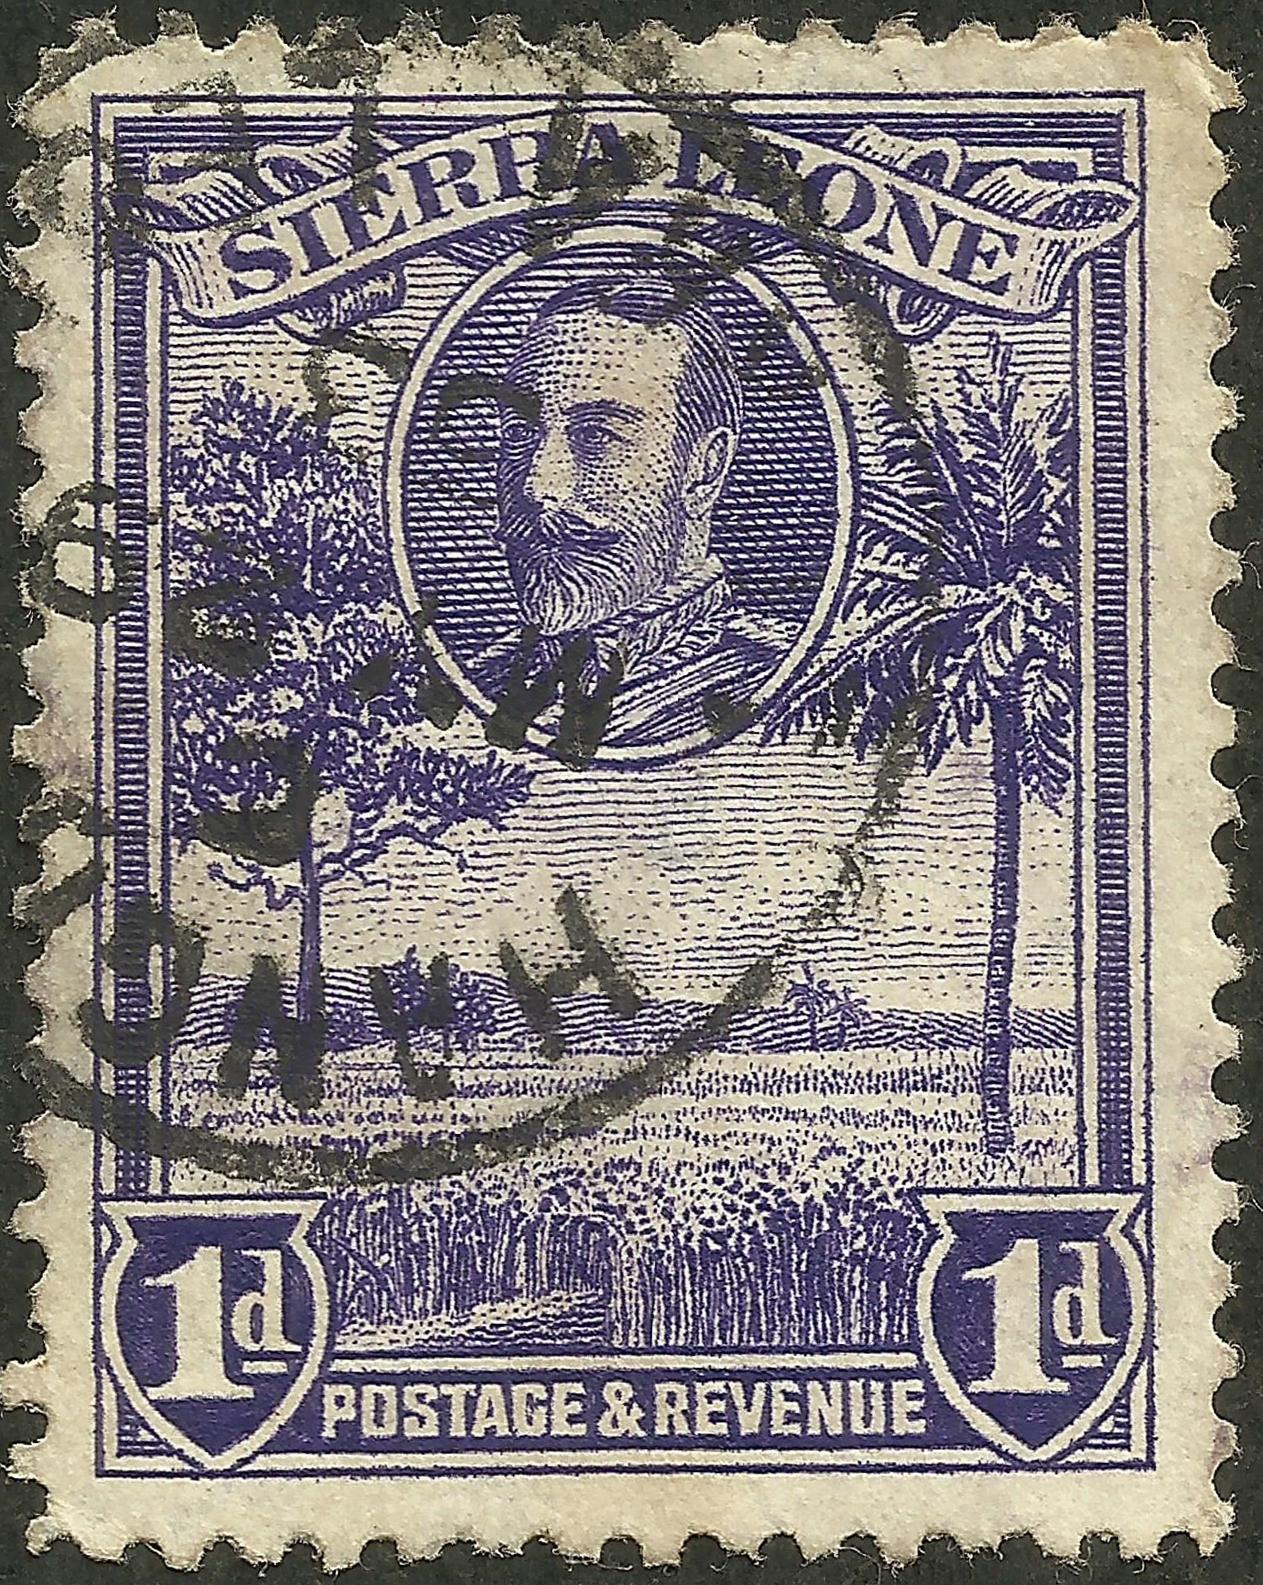 Sierra Leone #141 (1932)